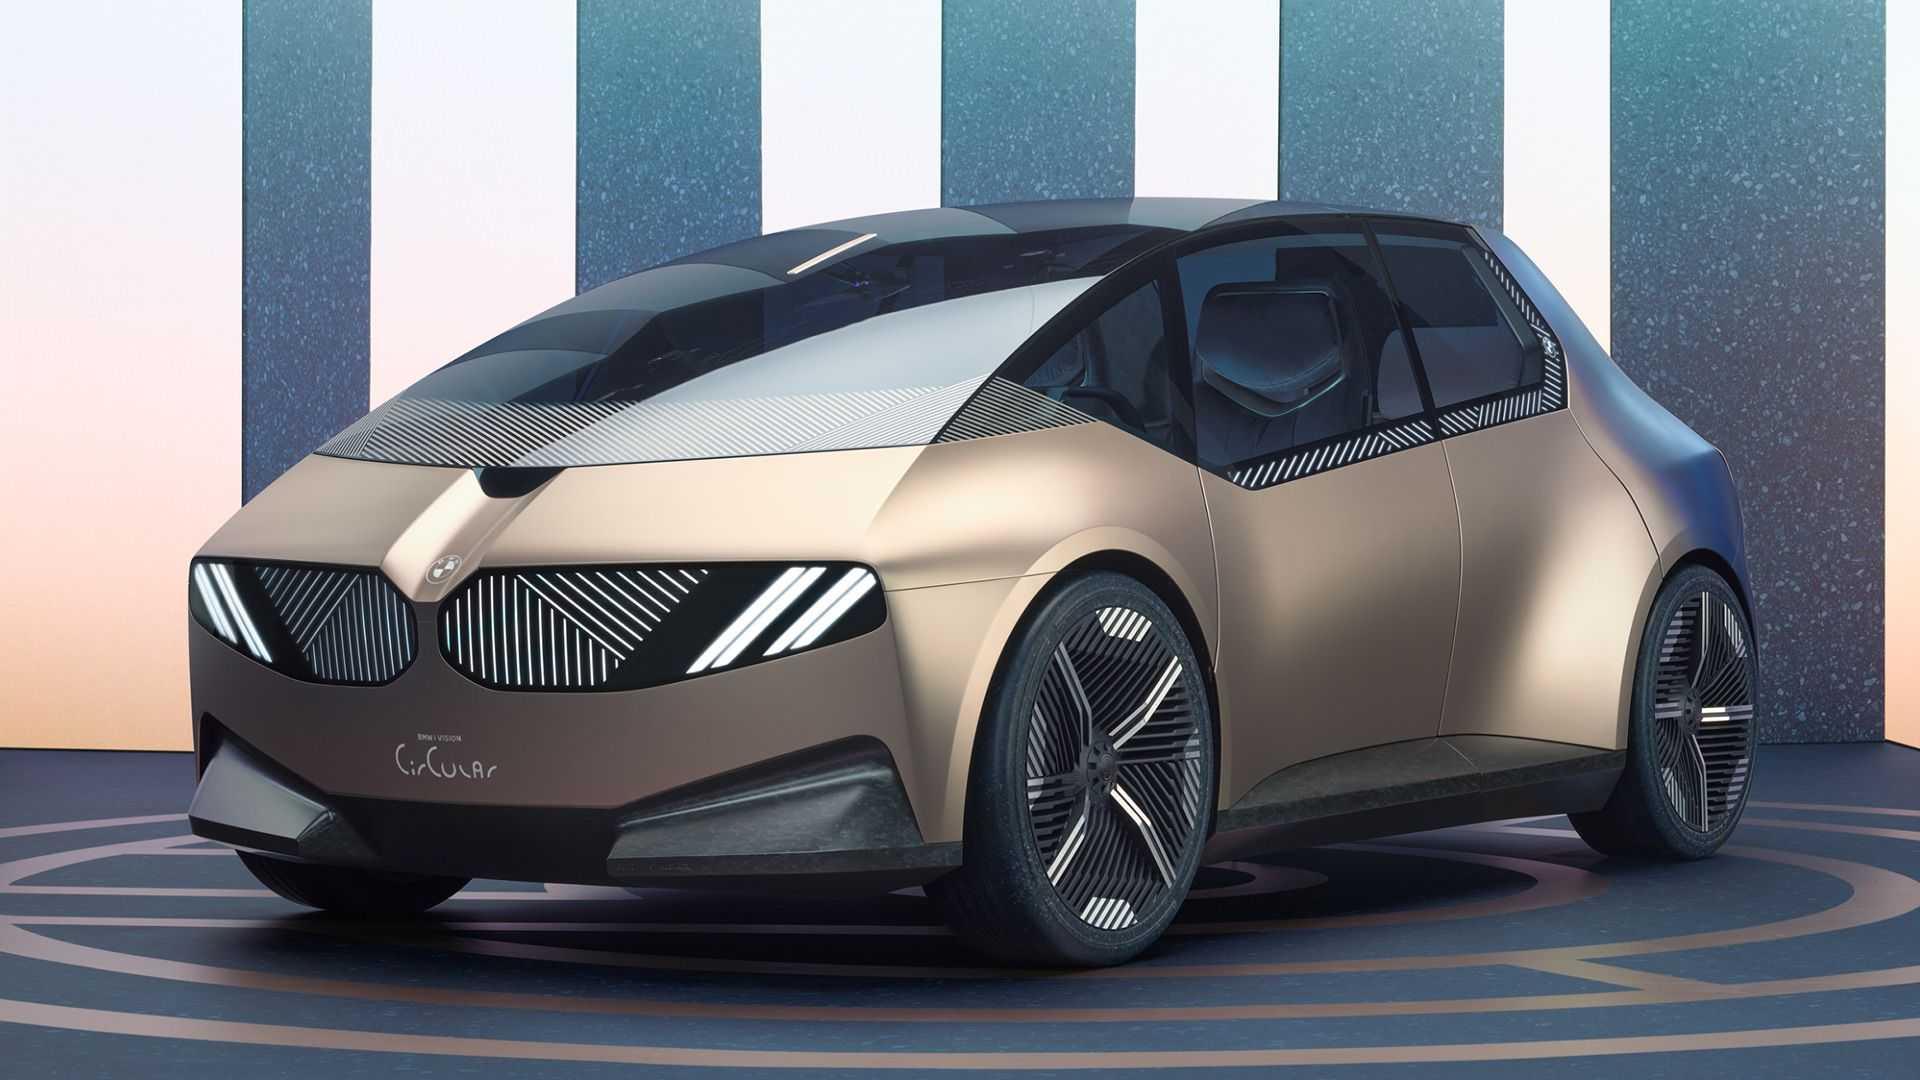 بامو i Vision Circular معرفی شد؛ کانسپتی از یک خودروی شهری قابل بازیافت